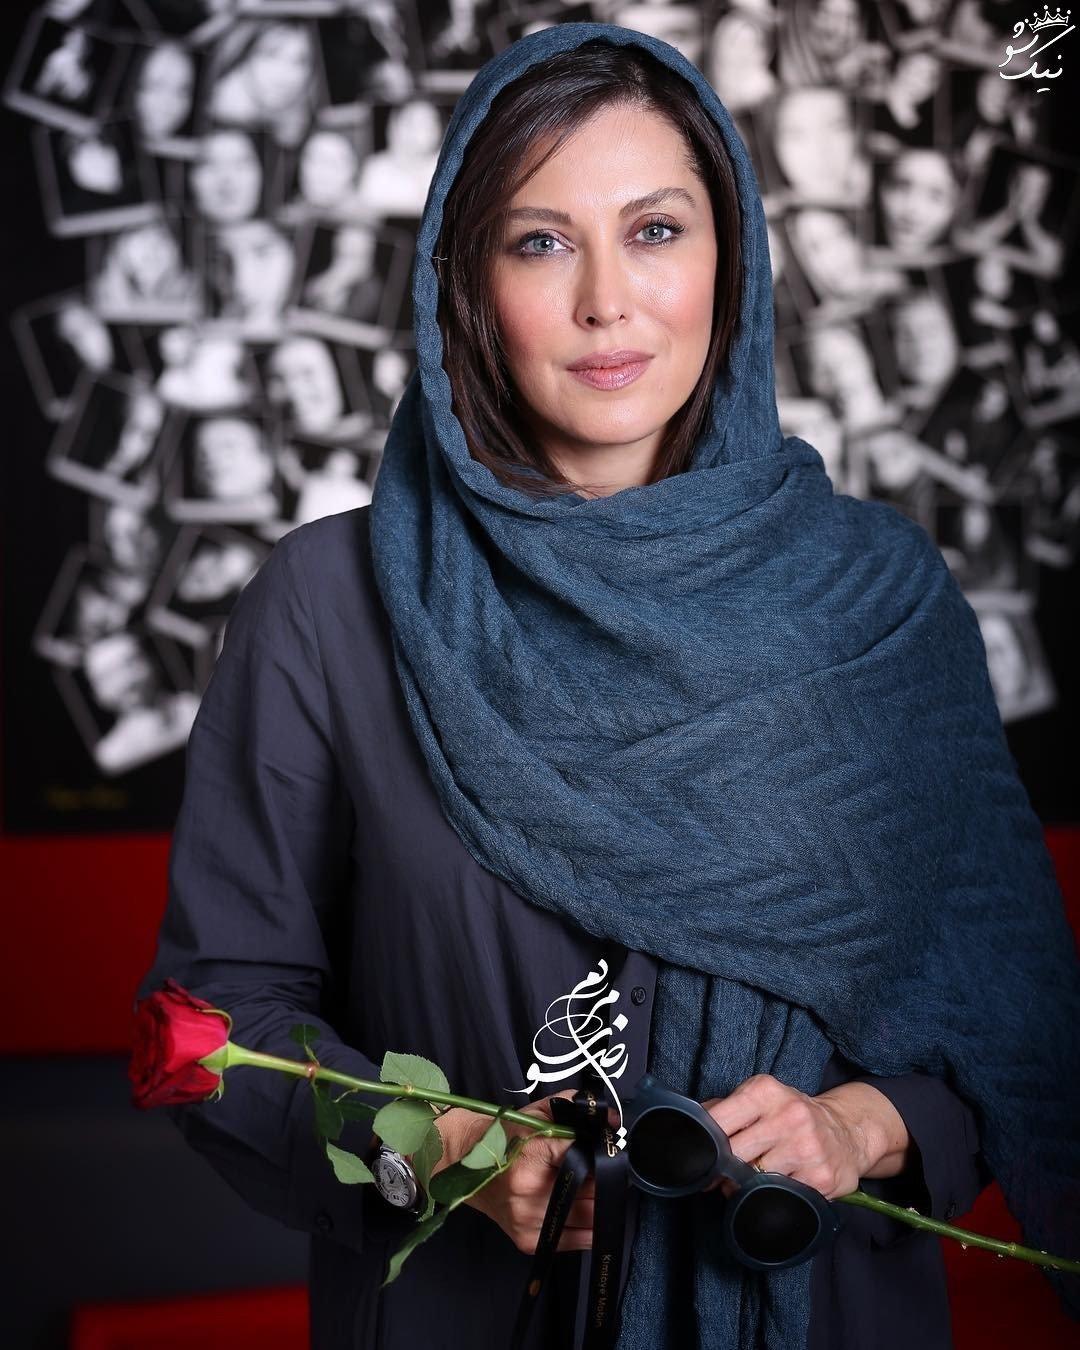 بهترین مدل مانتو بازیگران ایرانی خوش استایل ( 98 عکس)